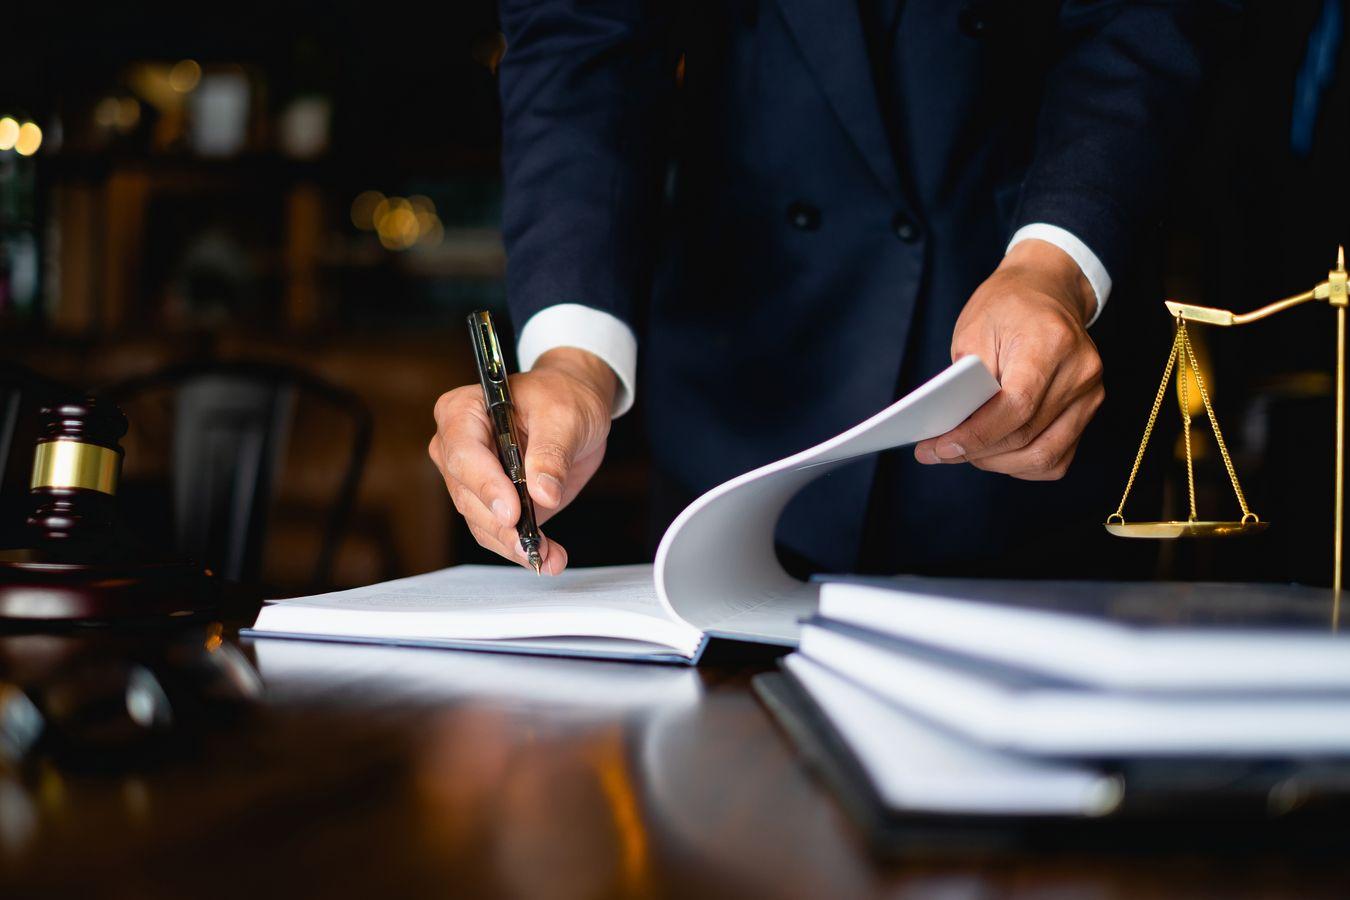 Modalités de rédaction d'un règlement de voirie : découvrez les aspects juridiques